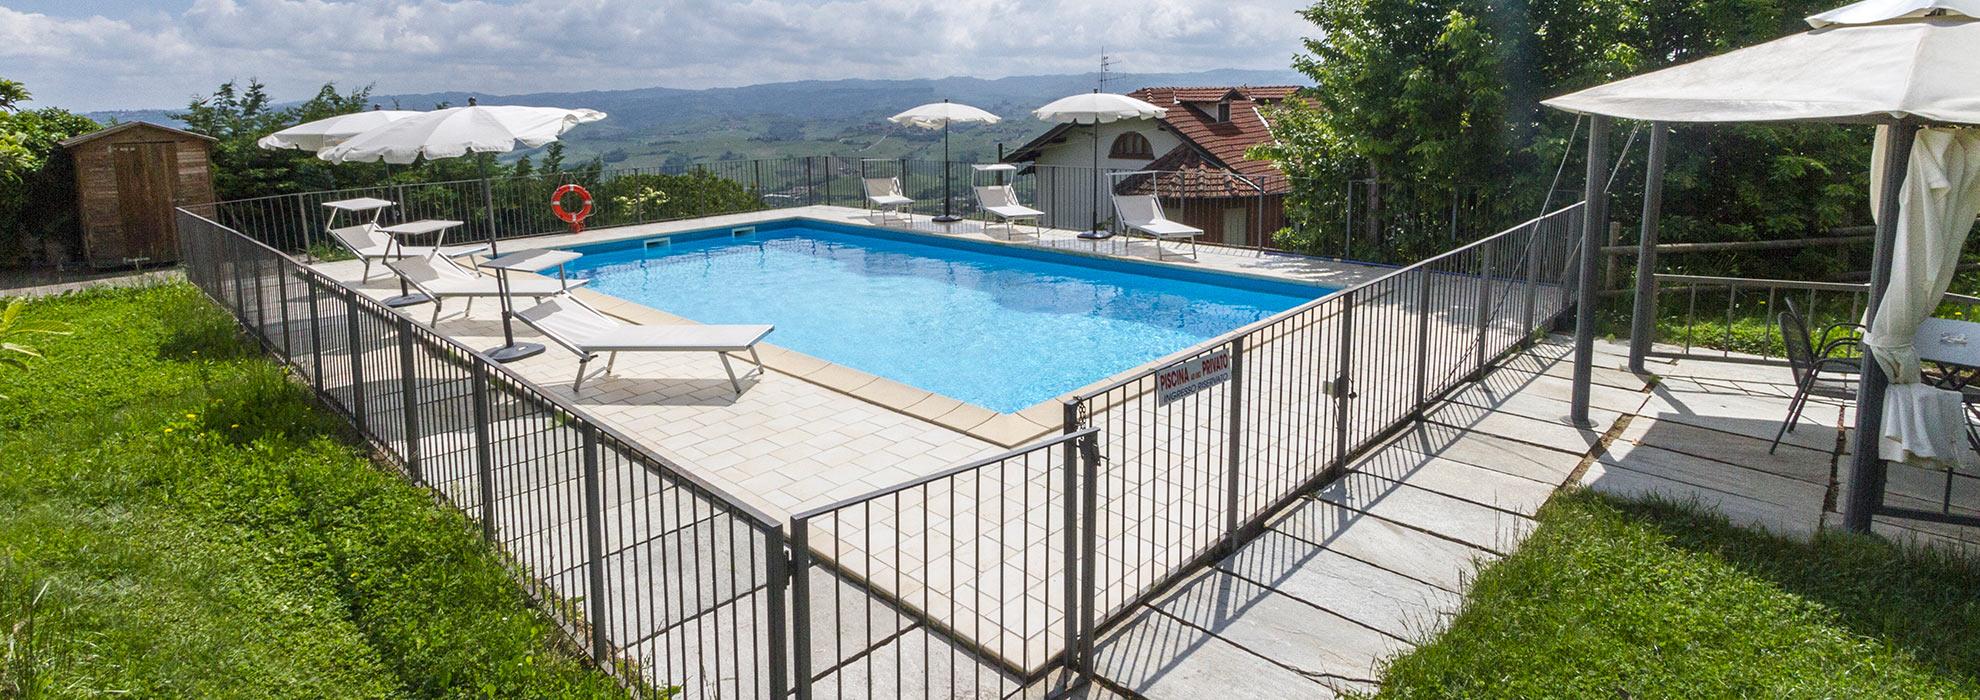 agriturismo-con-piscina-langhe2